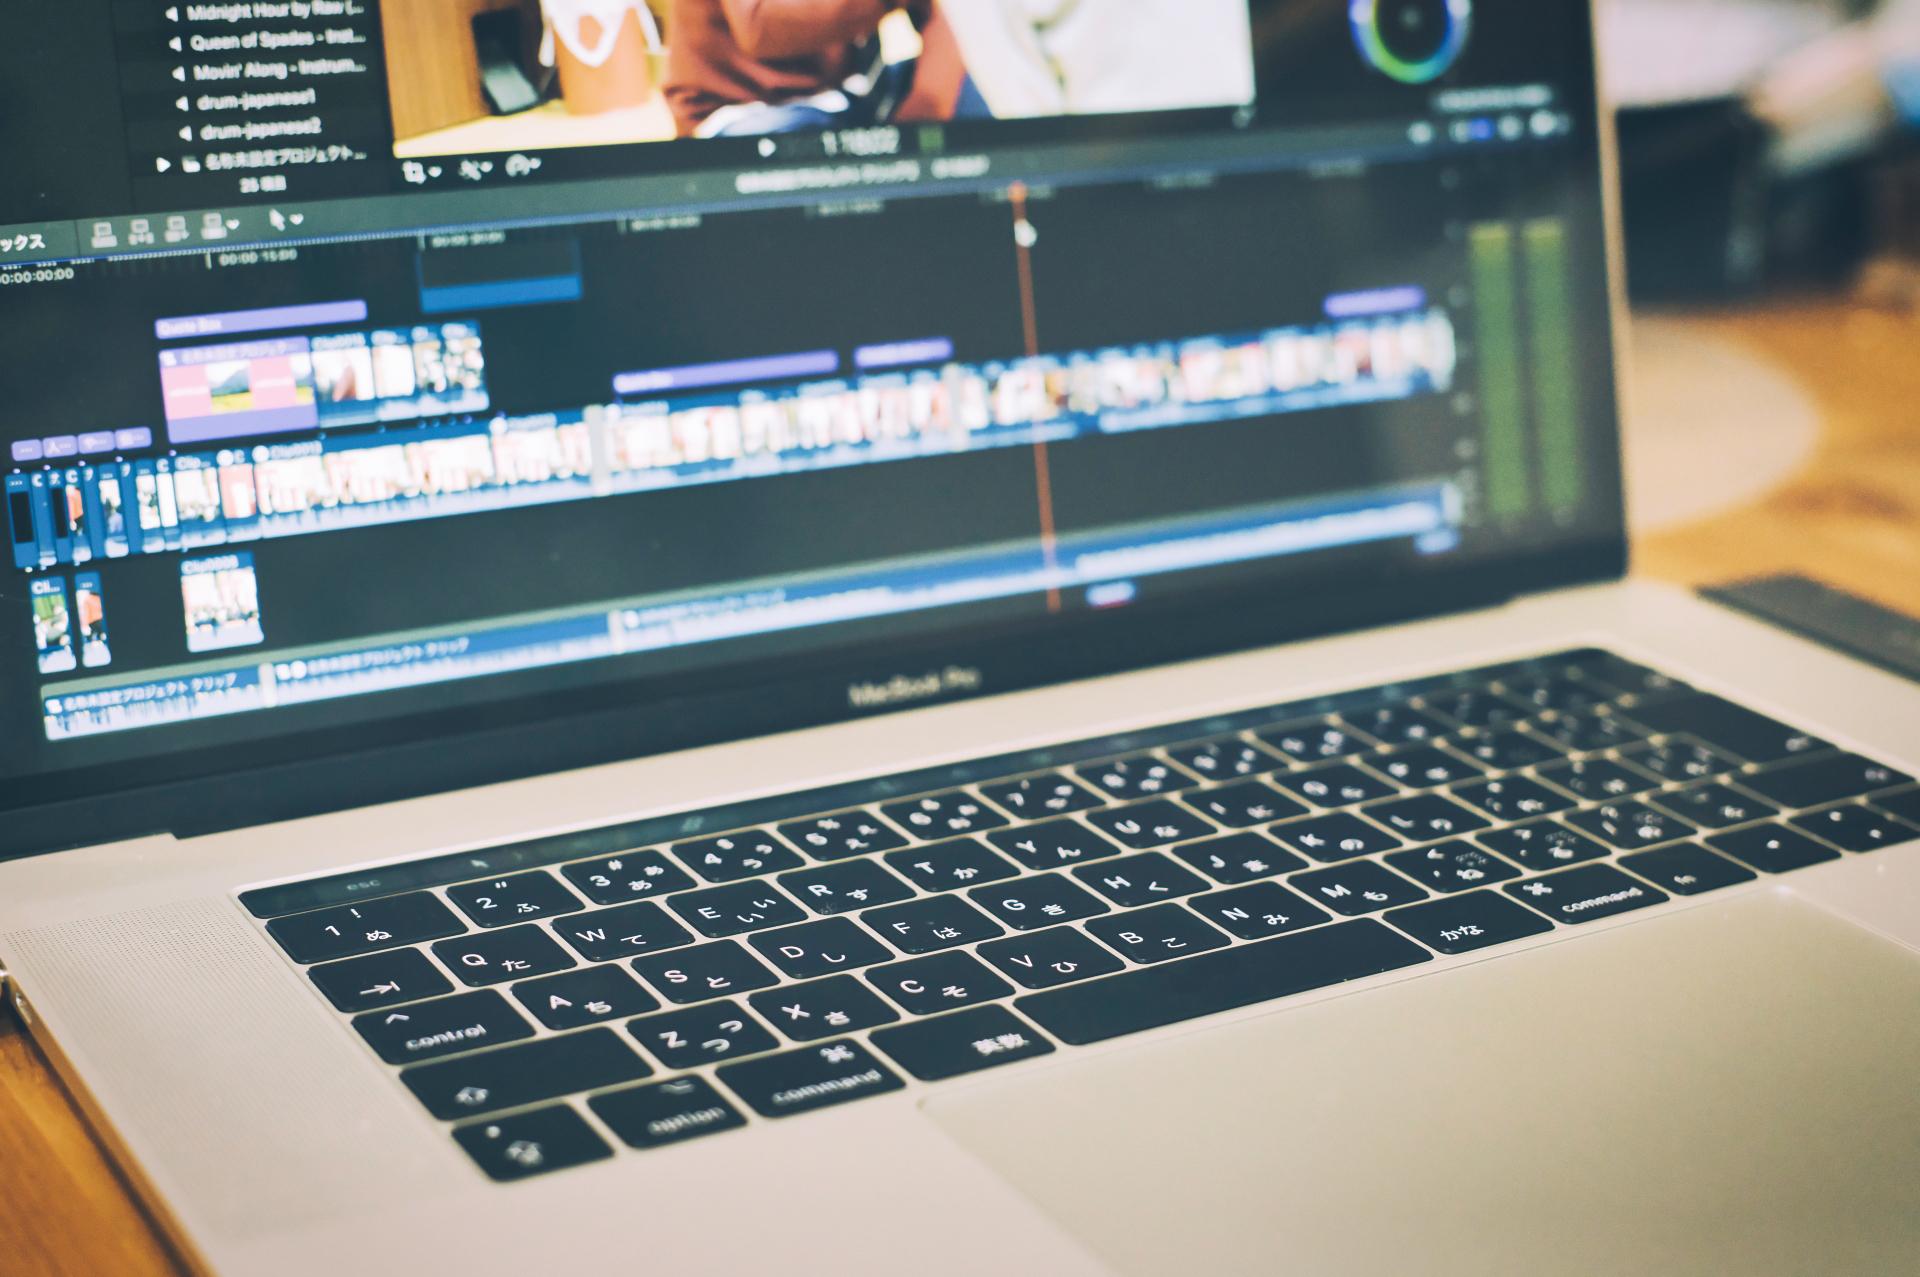 専門家のための動画制作と編集|テレワークソリューションバンク